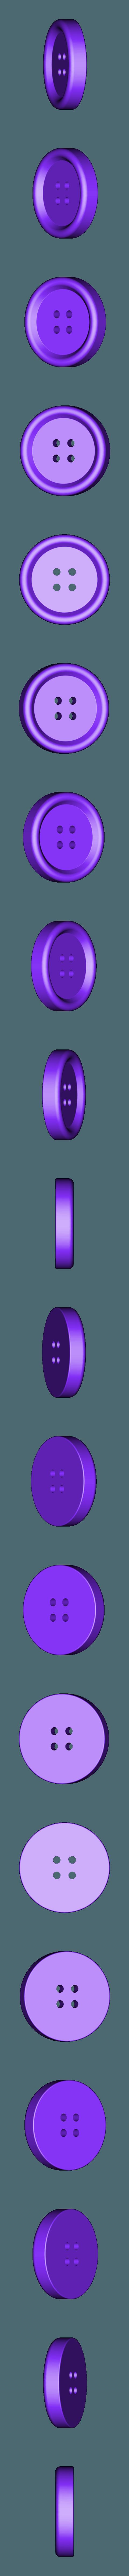 knoflik.STL Download free STL file Knob • Template to 3D print, jaazasja